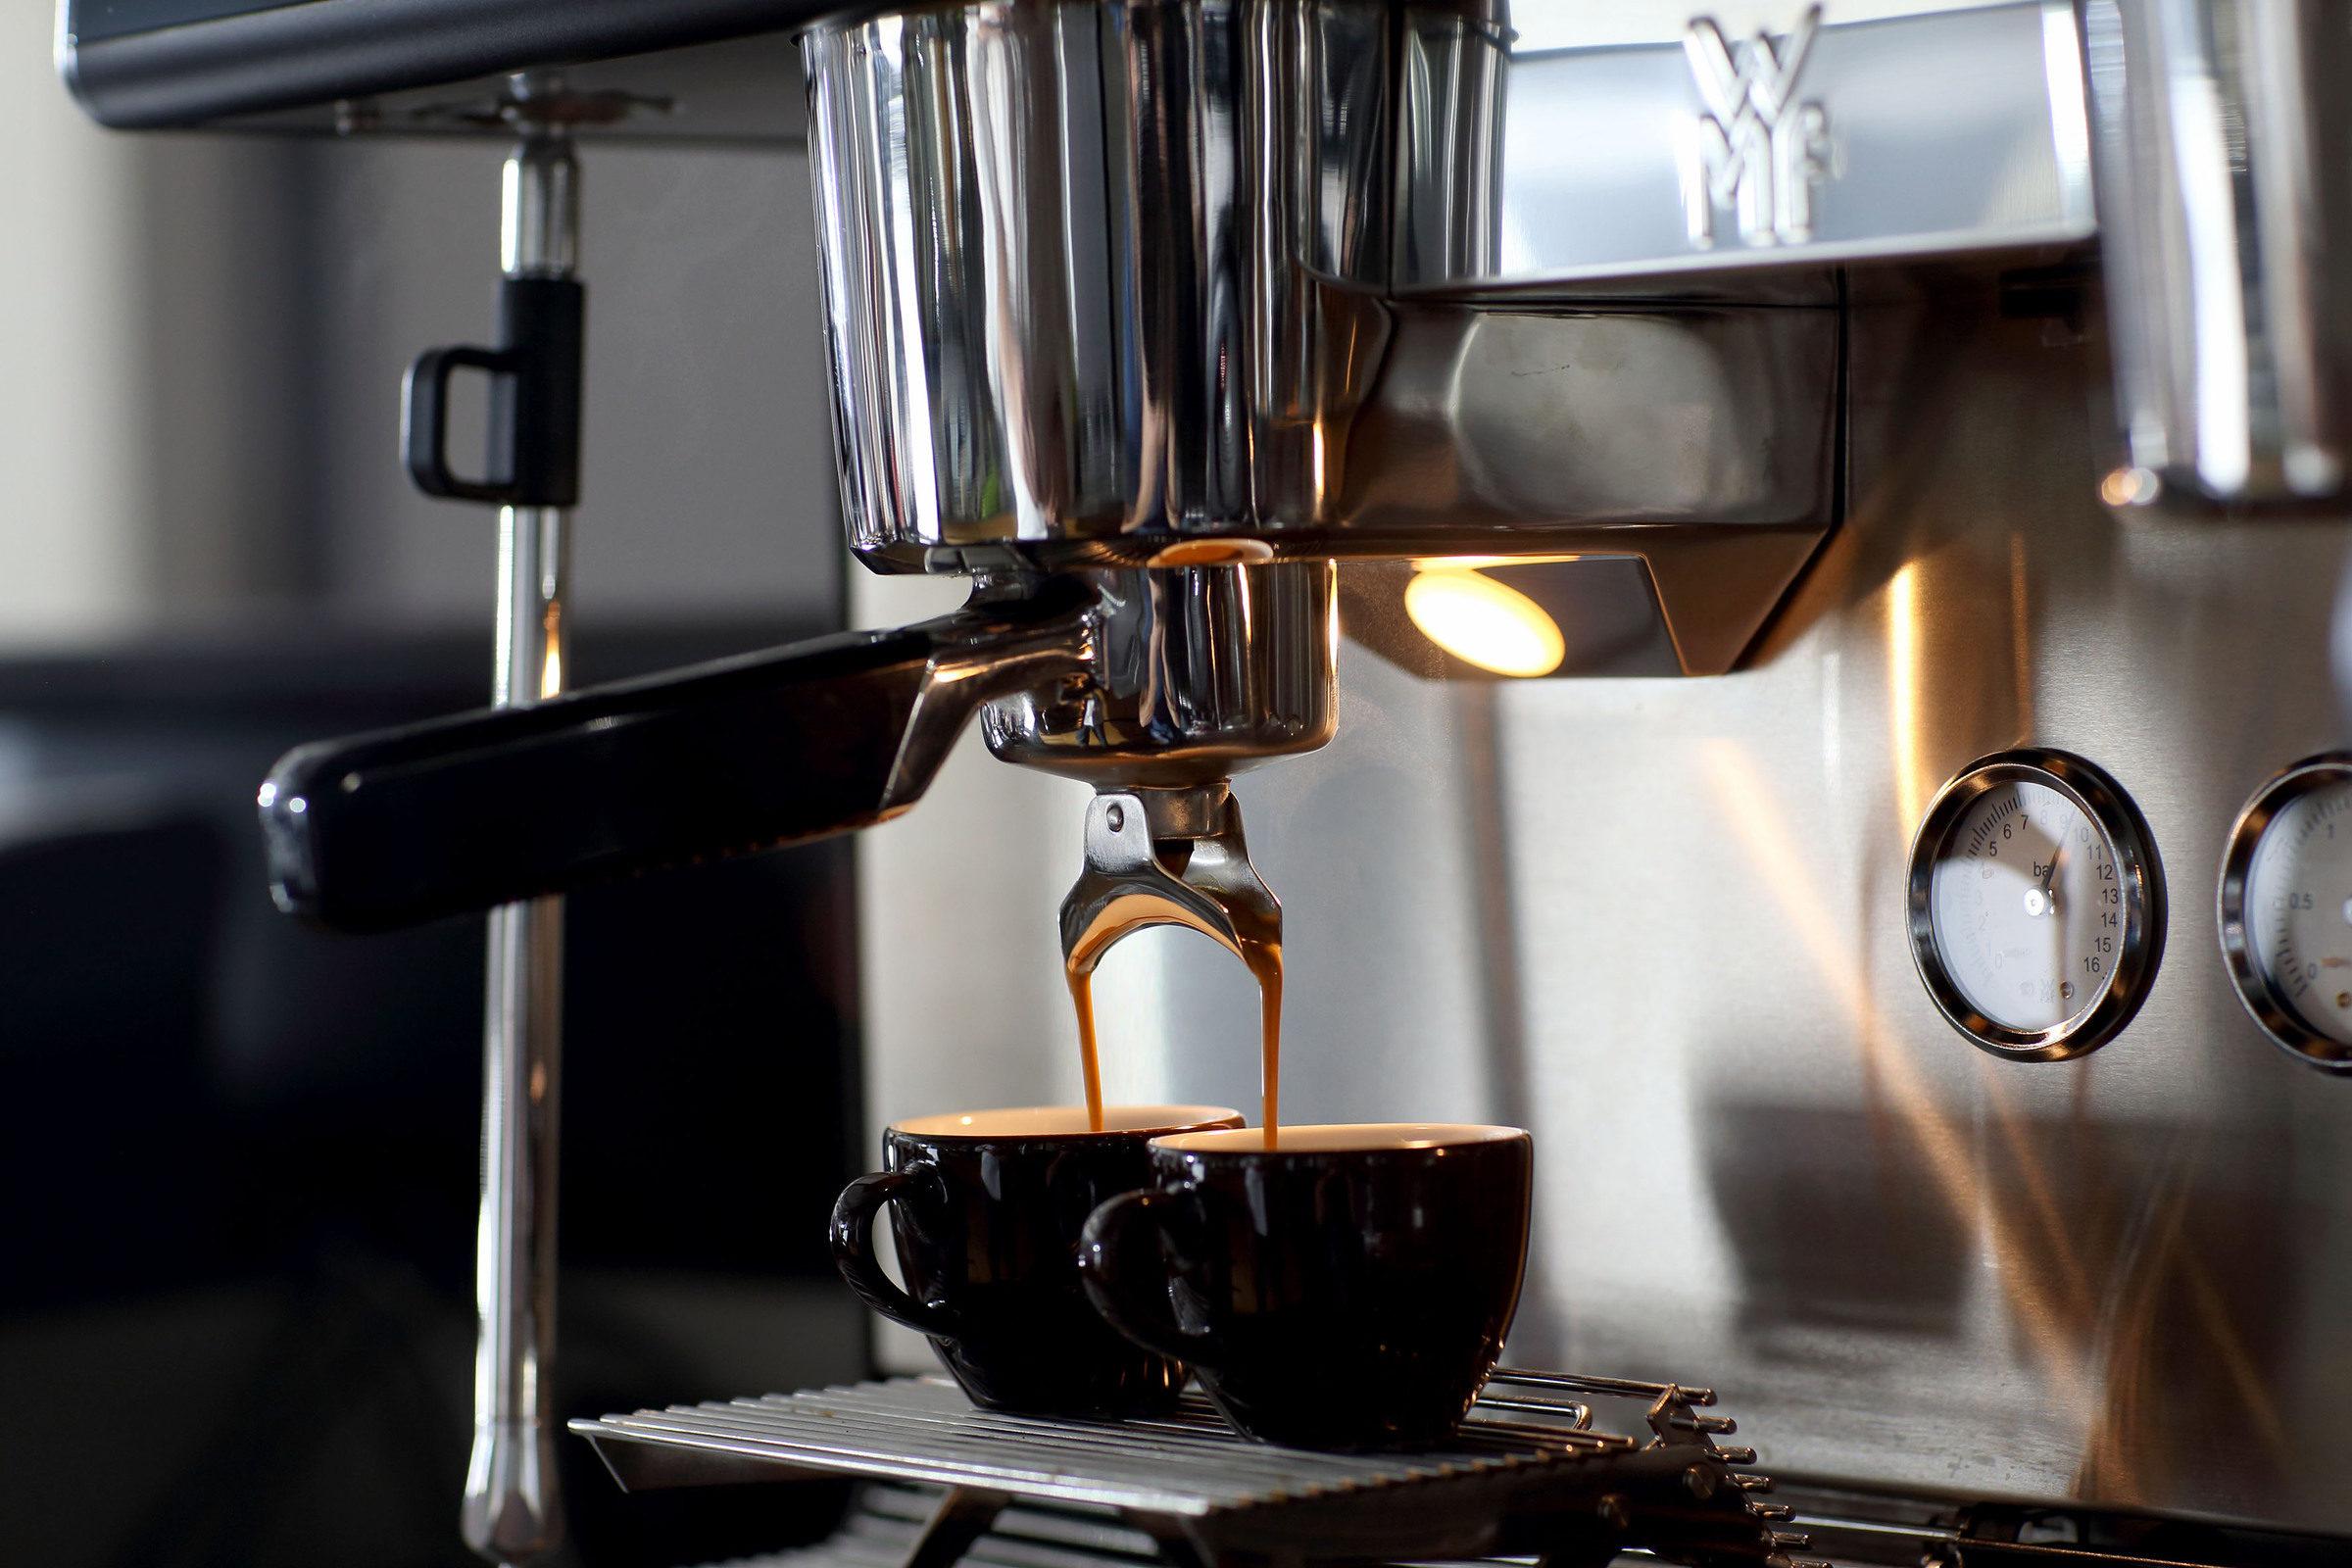 2015 Wmf Espresso Presse 02